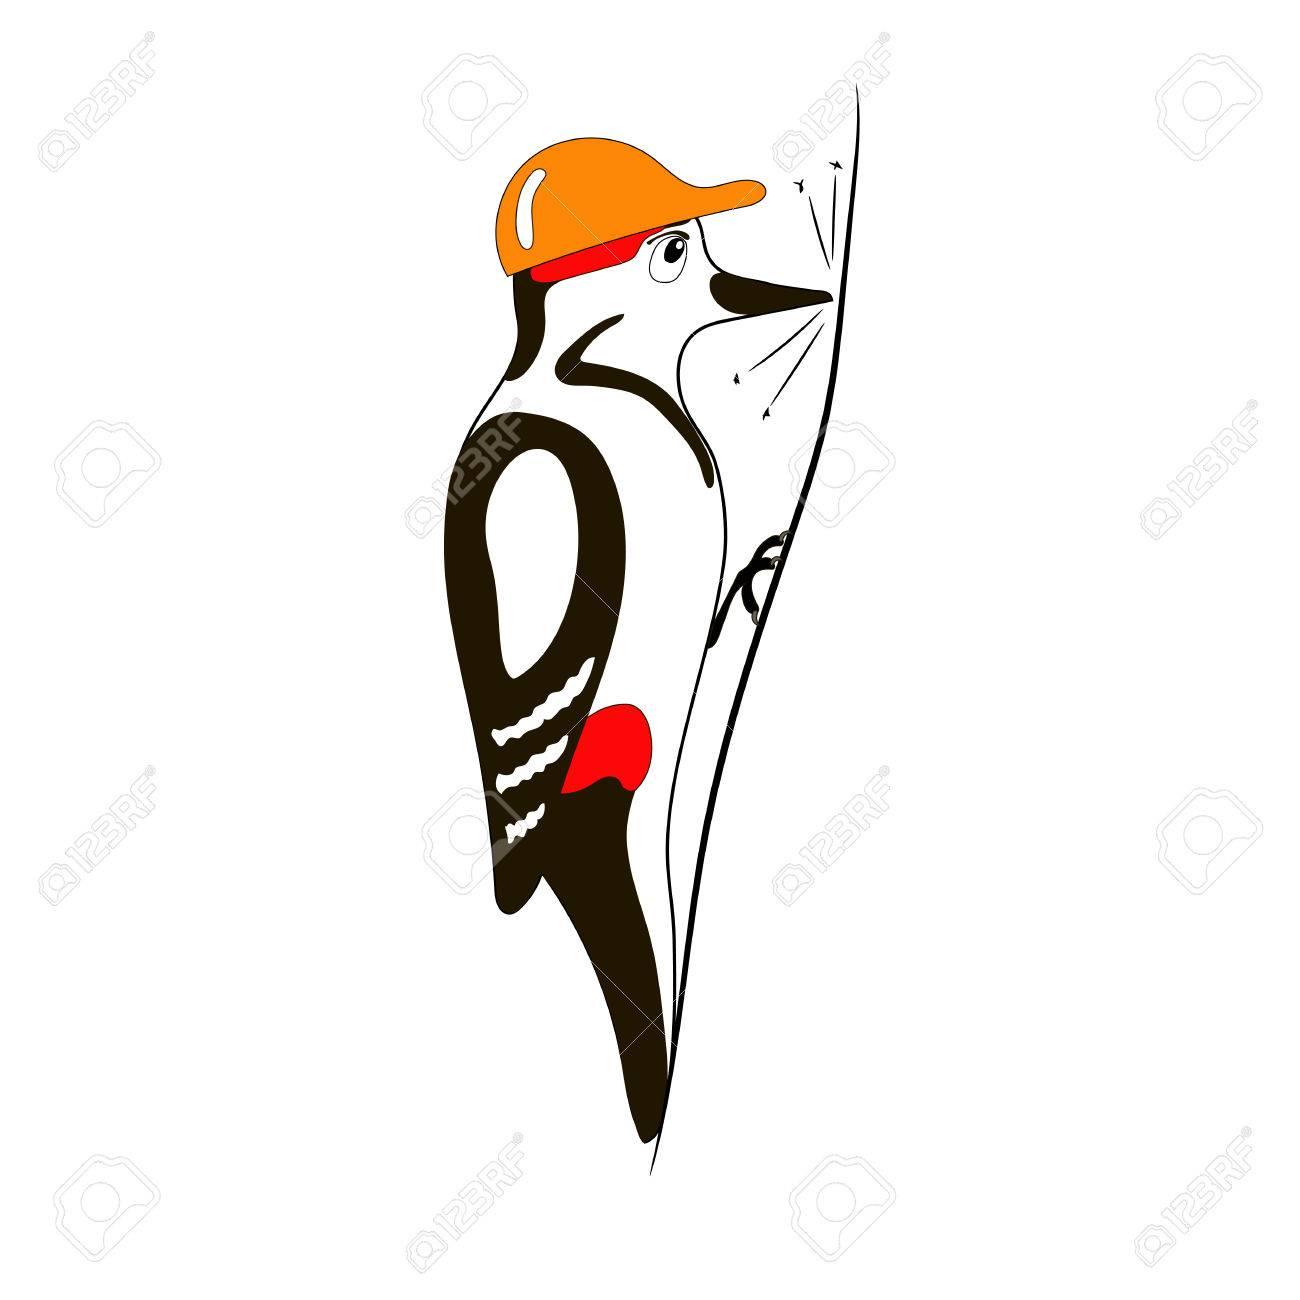 Ilustración De Dibujos Animados Del Vector Del Pájaro Carpintero En